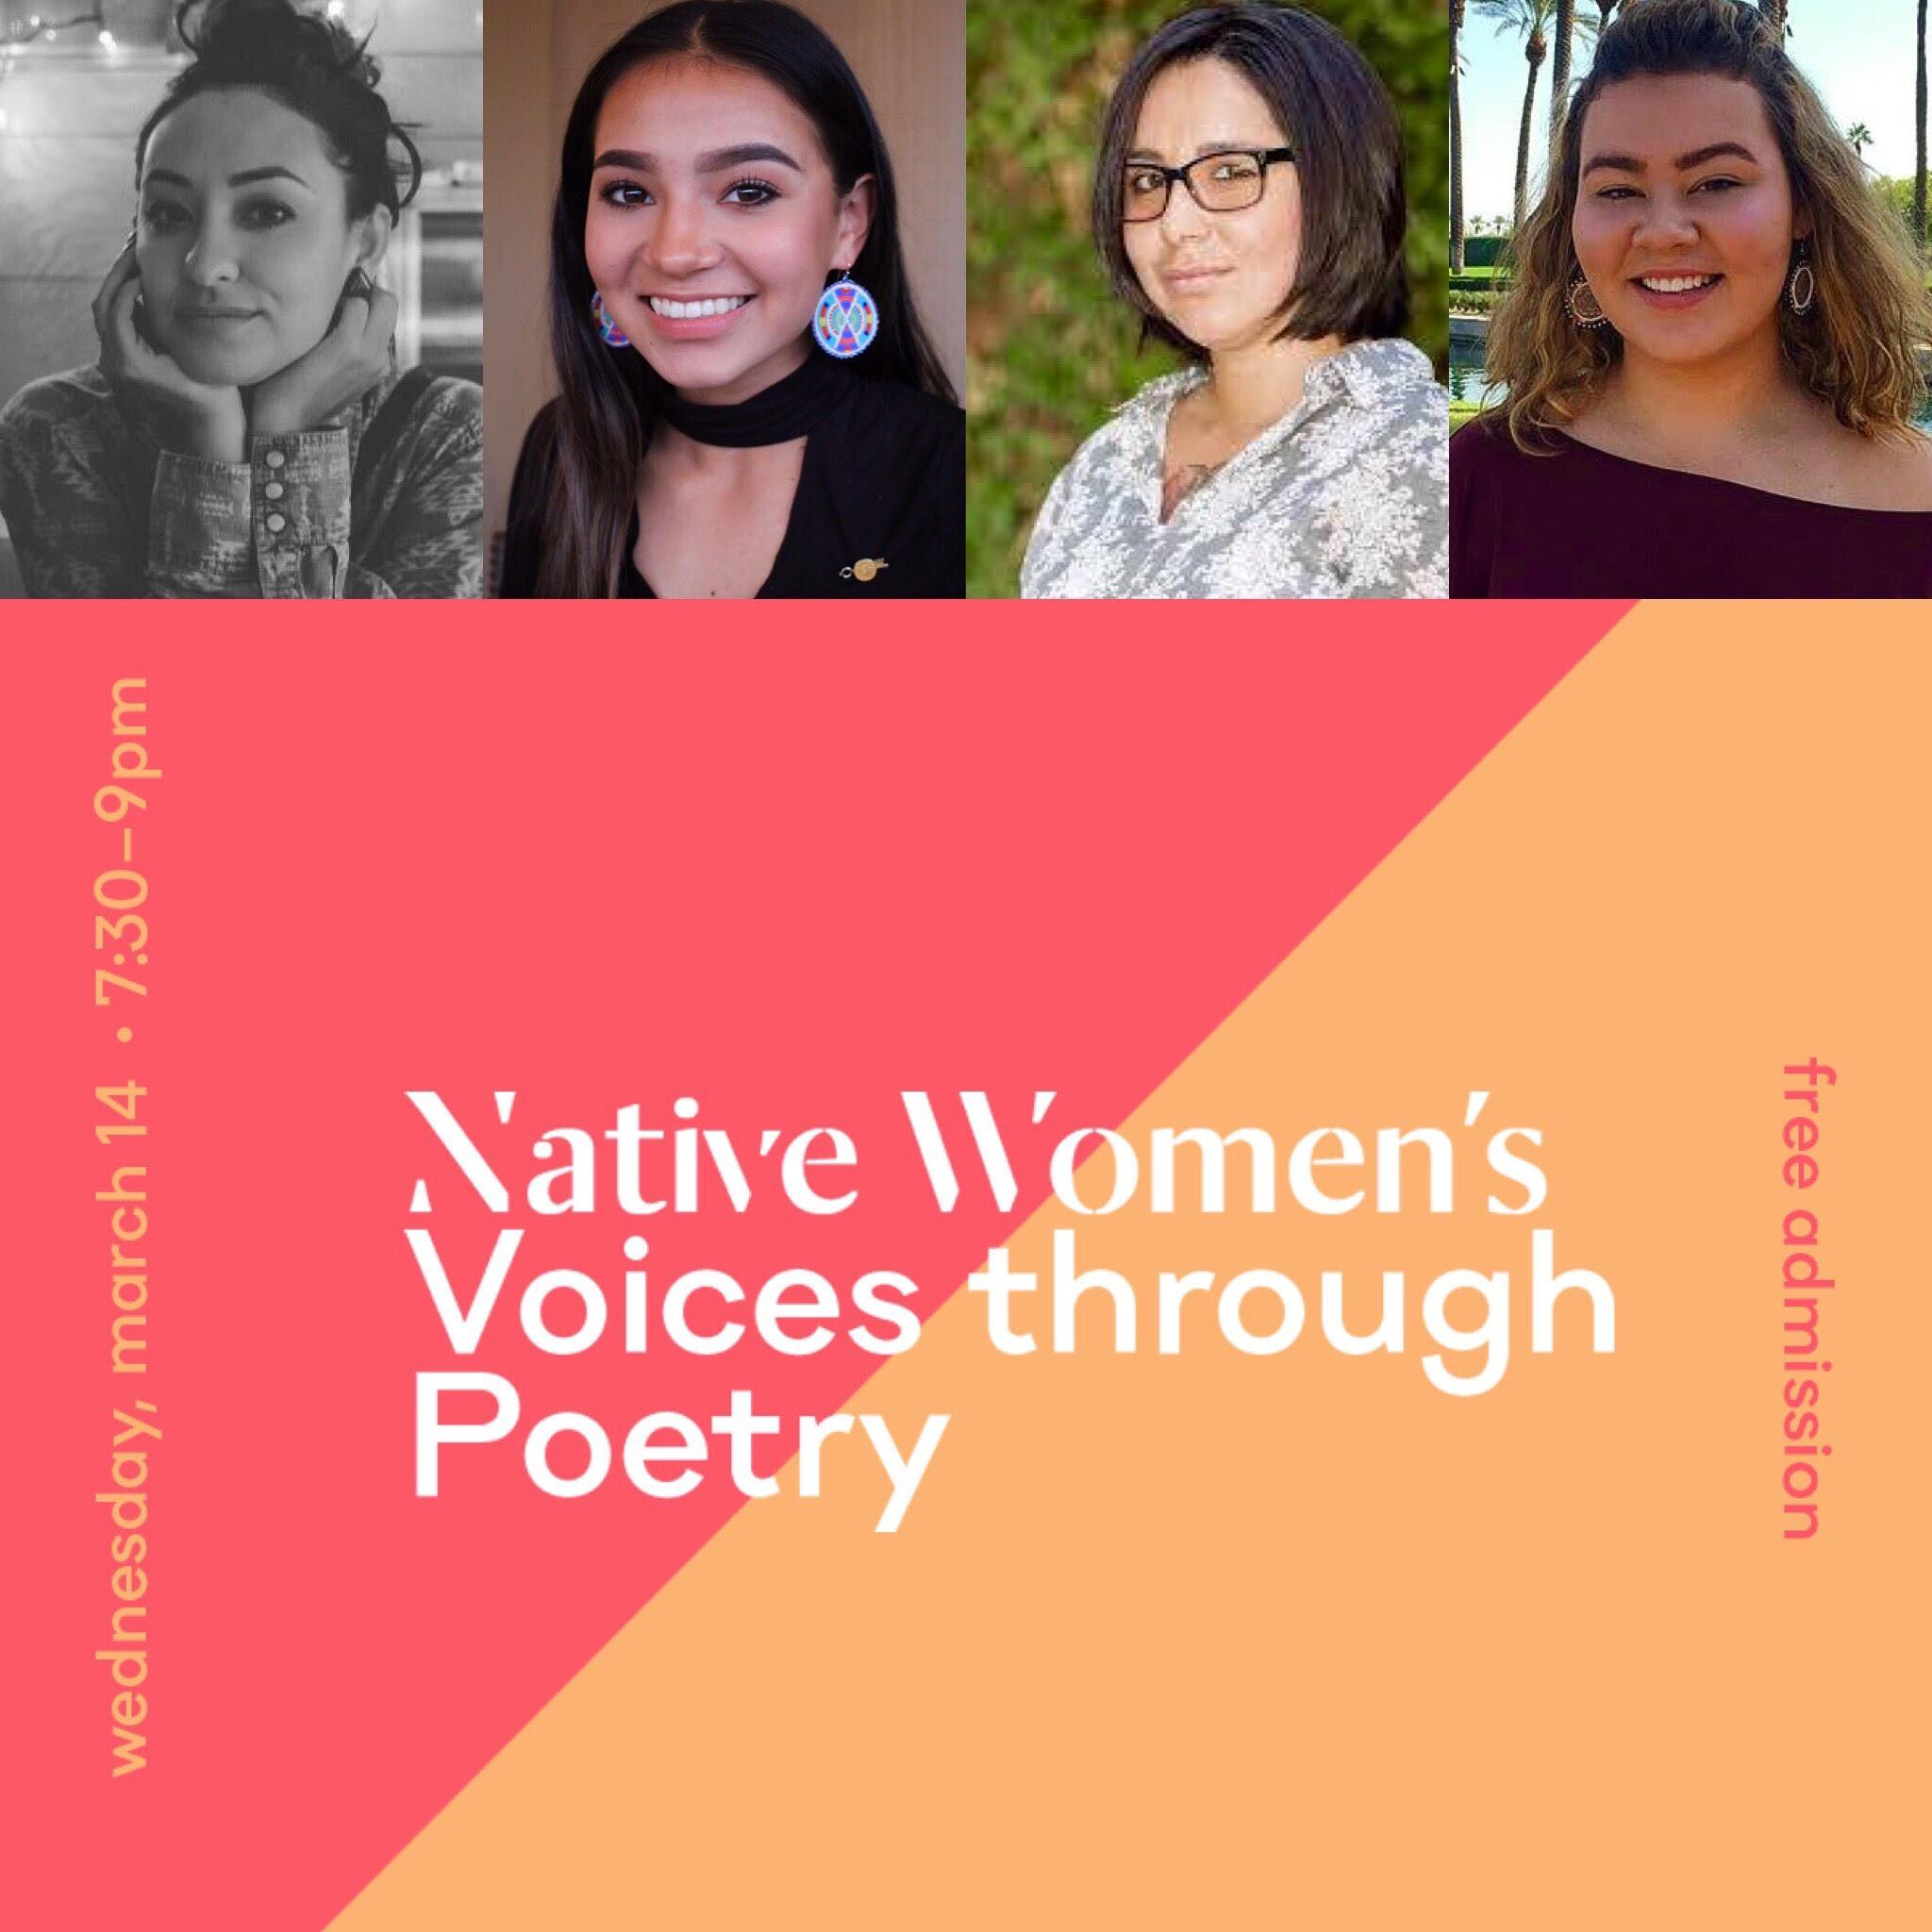 Free navajo women pics too happens:)